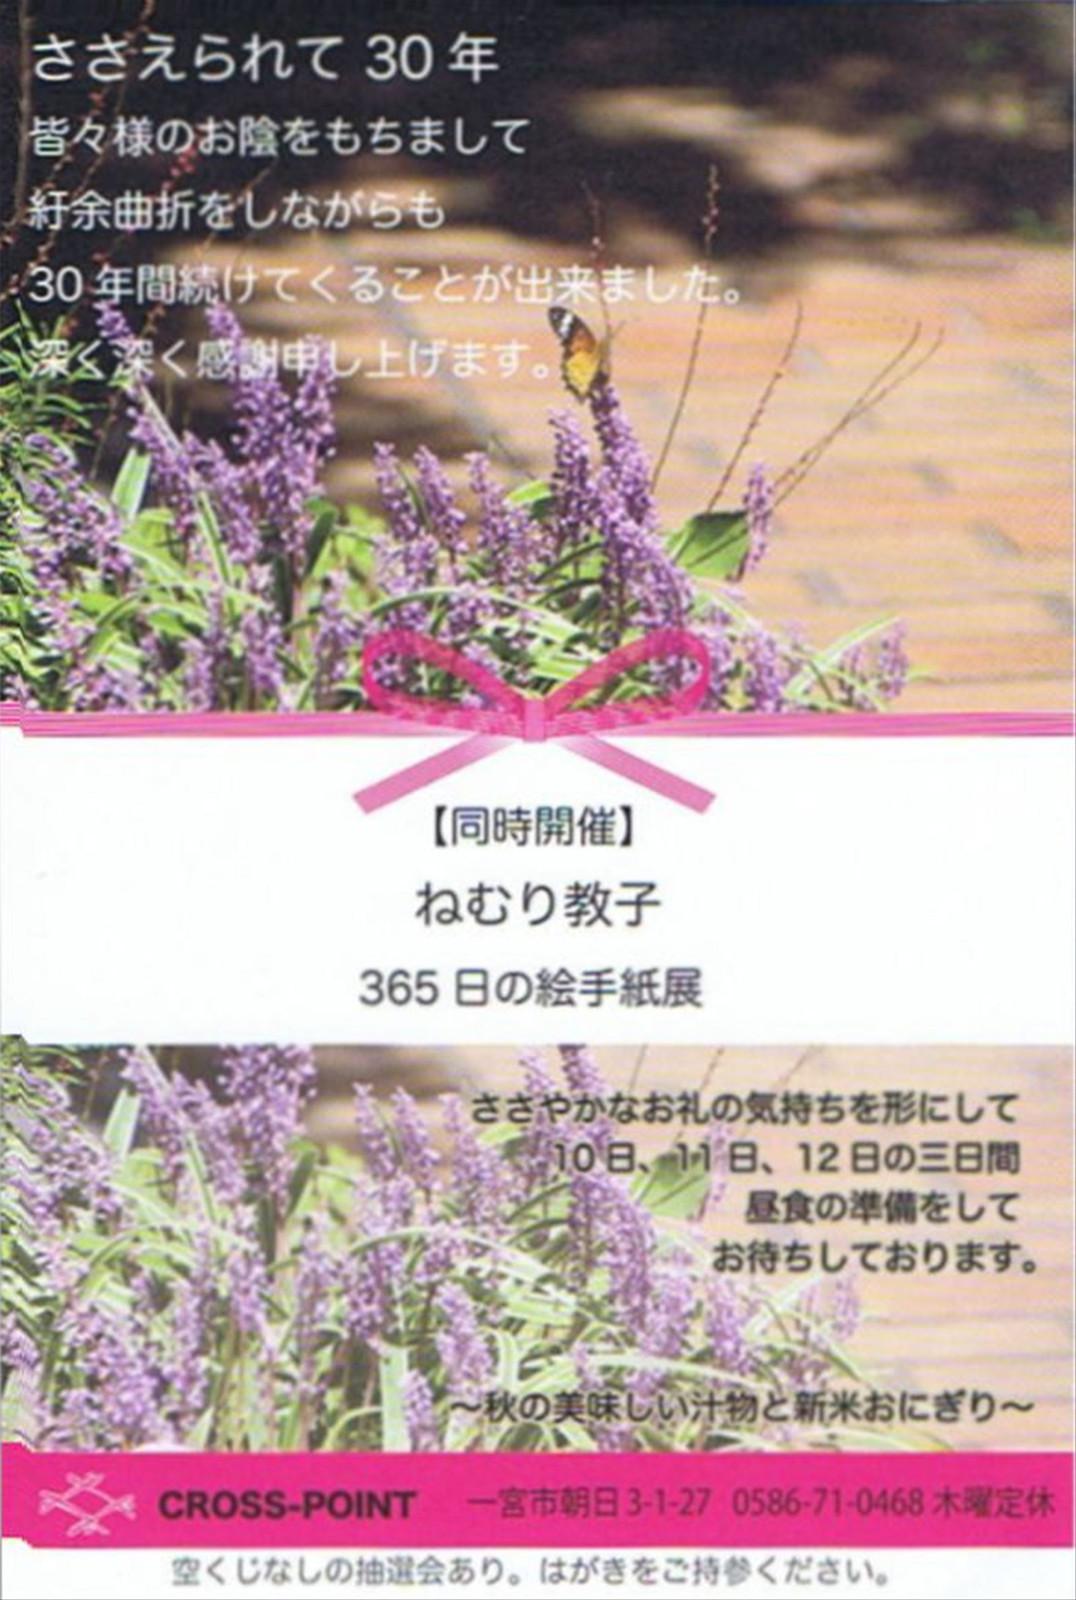 151010crosspoint_16w